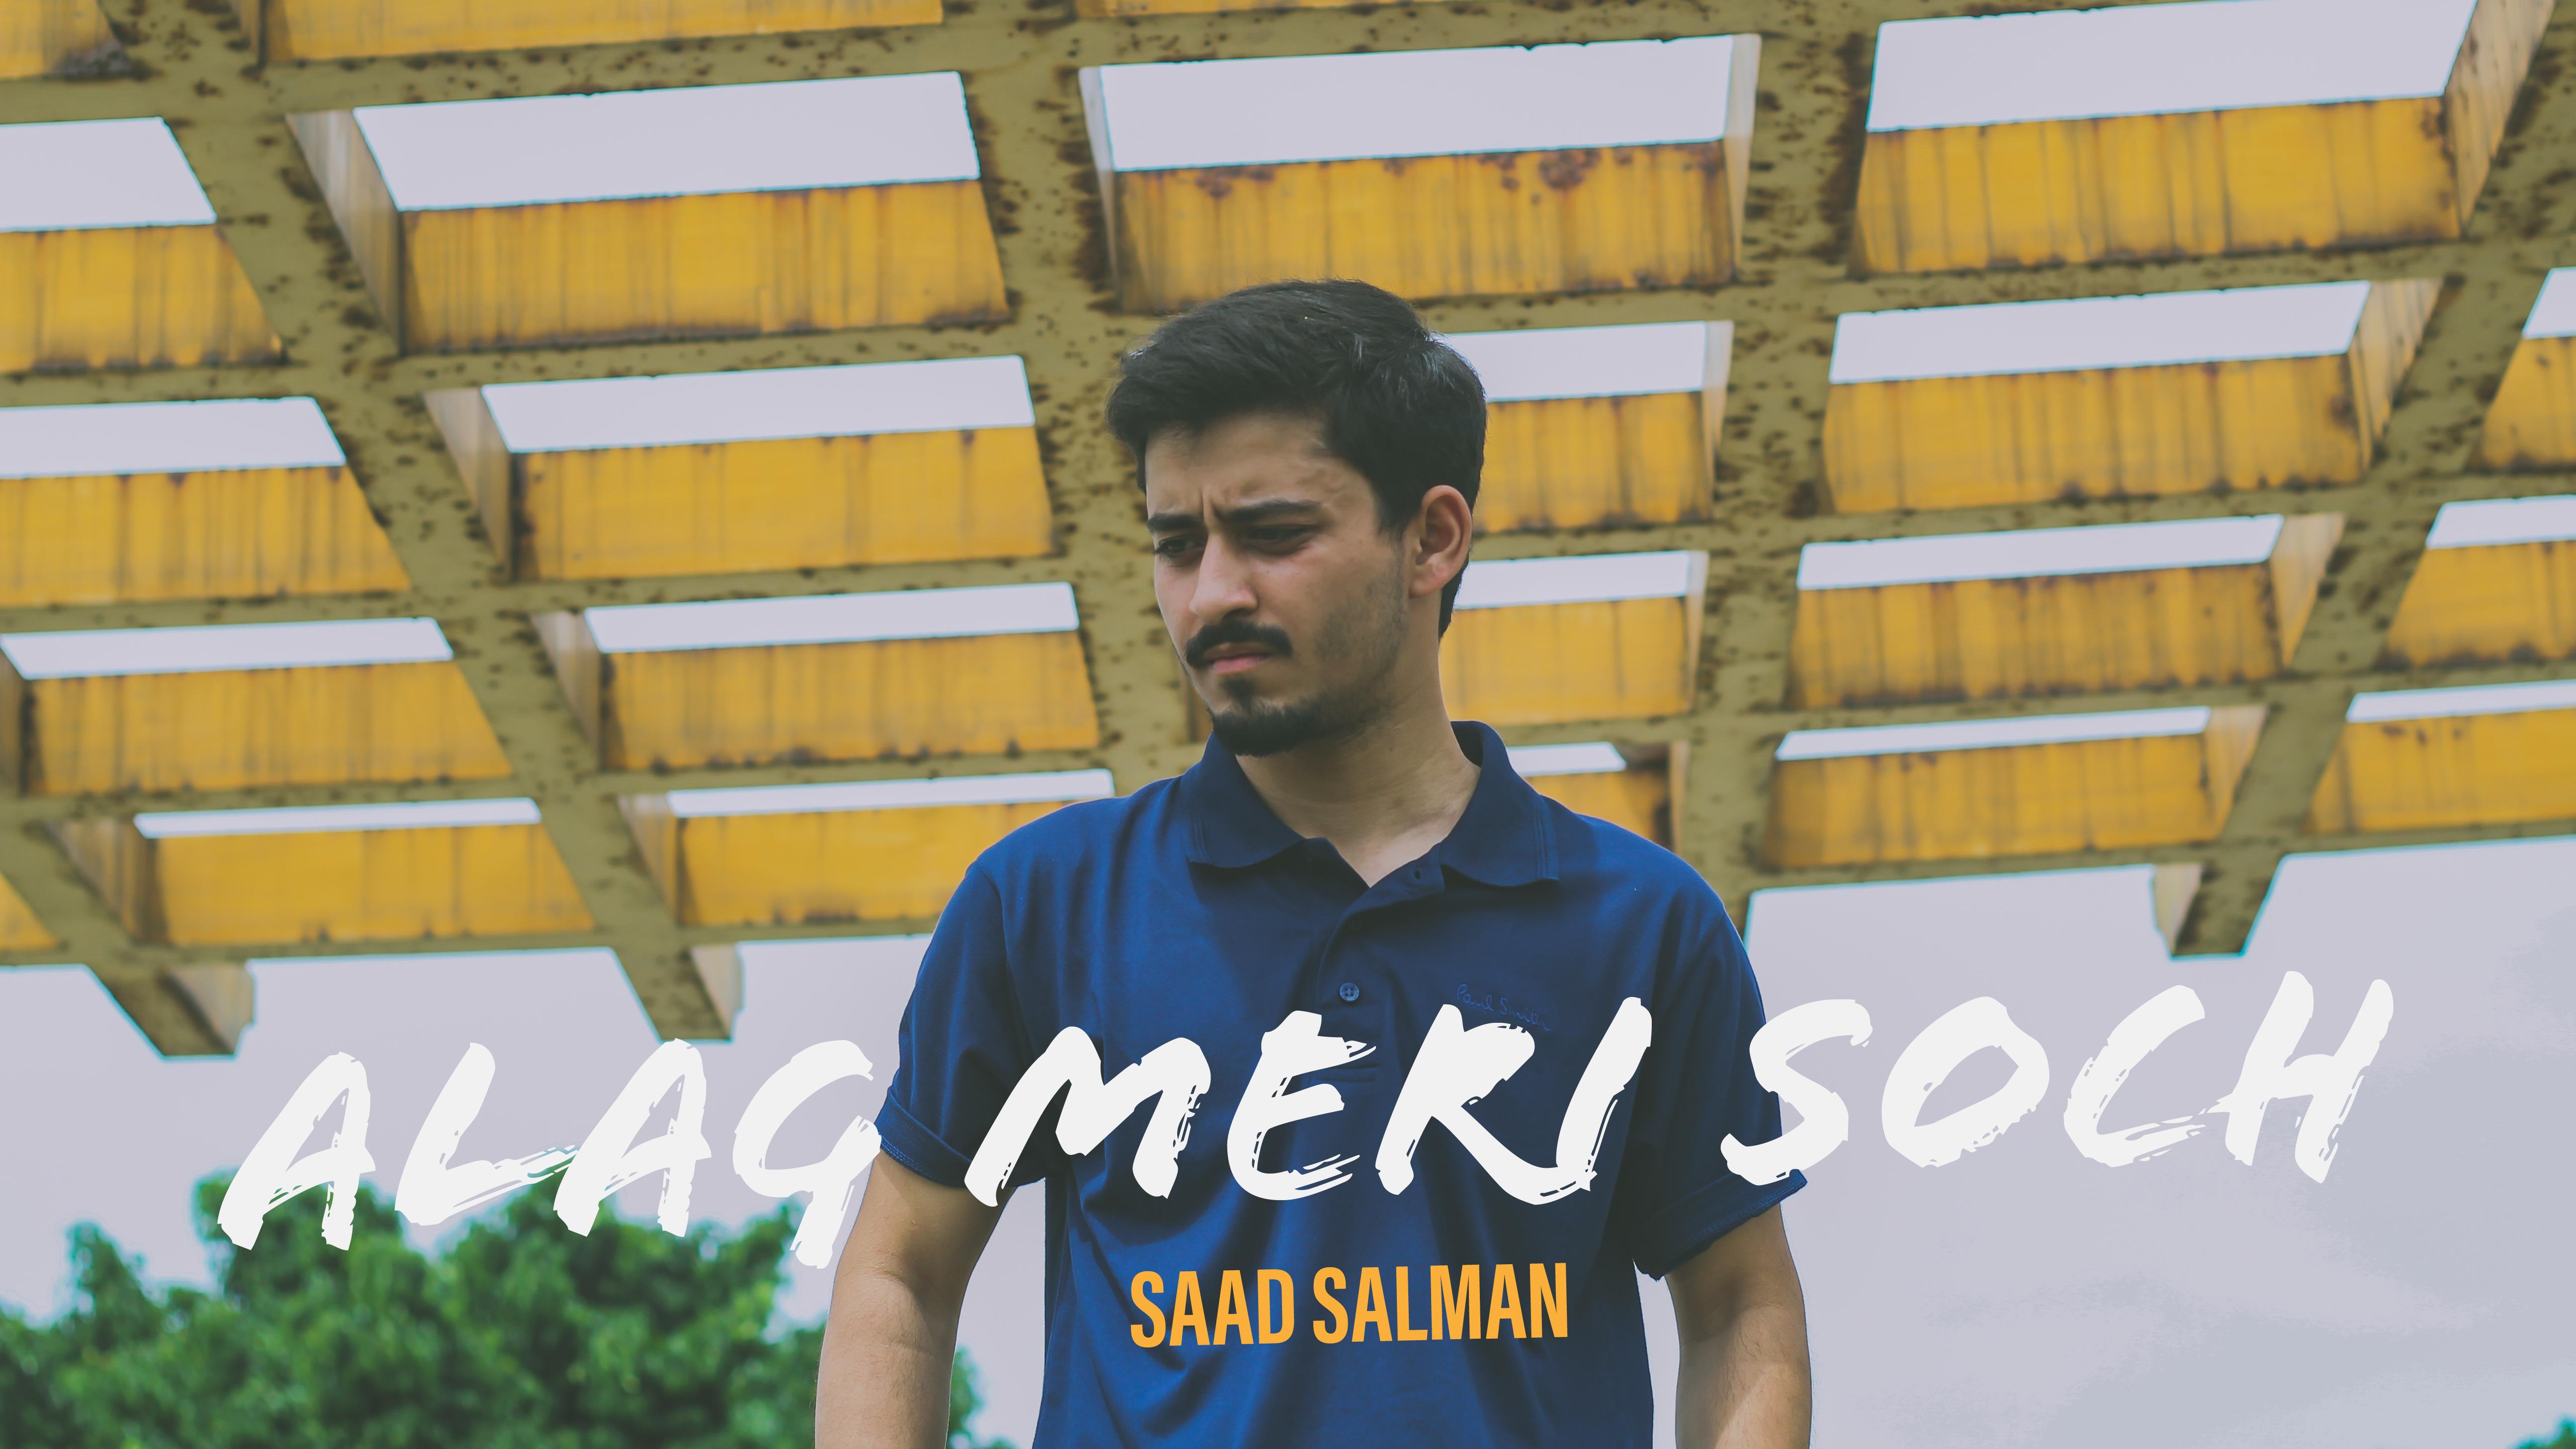 Saad Salman - Alag Meri Soch